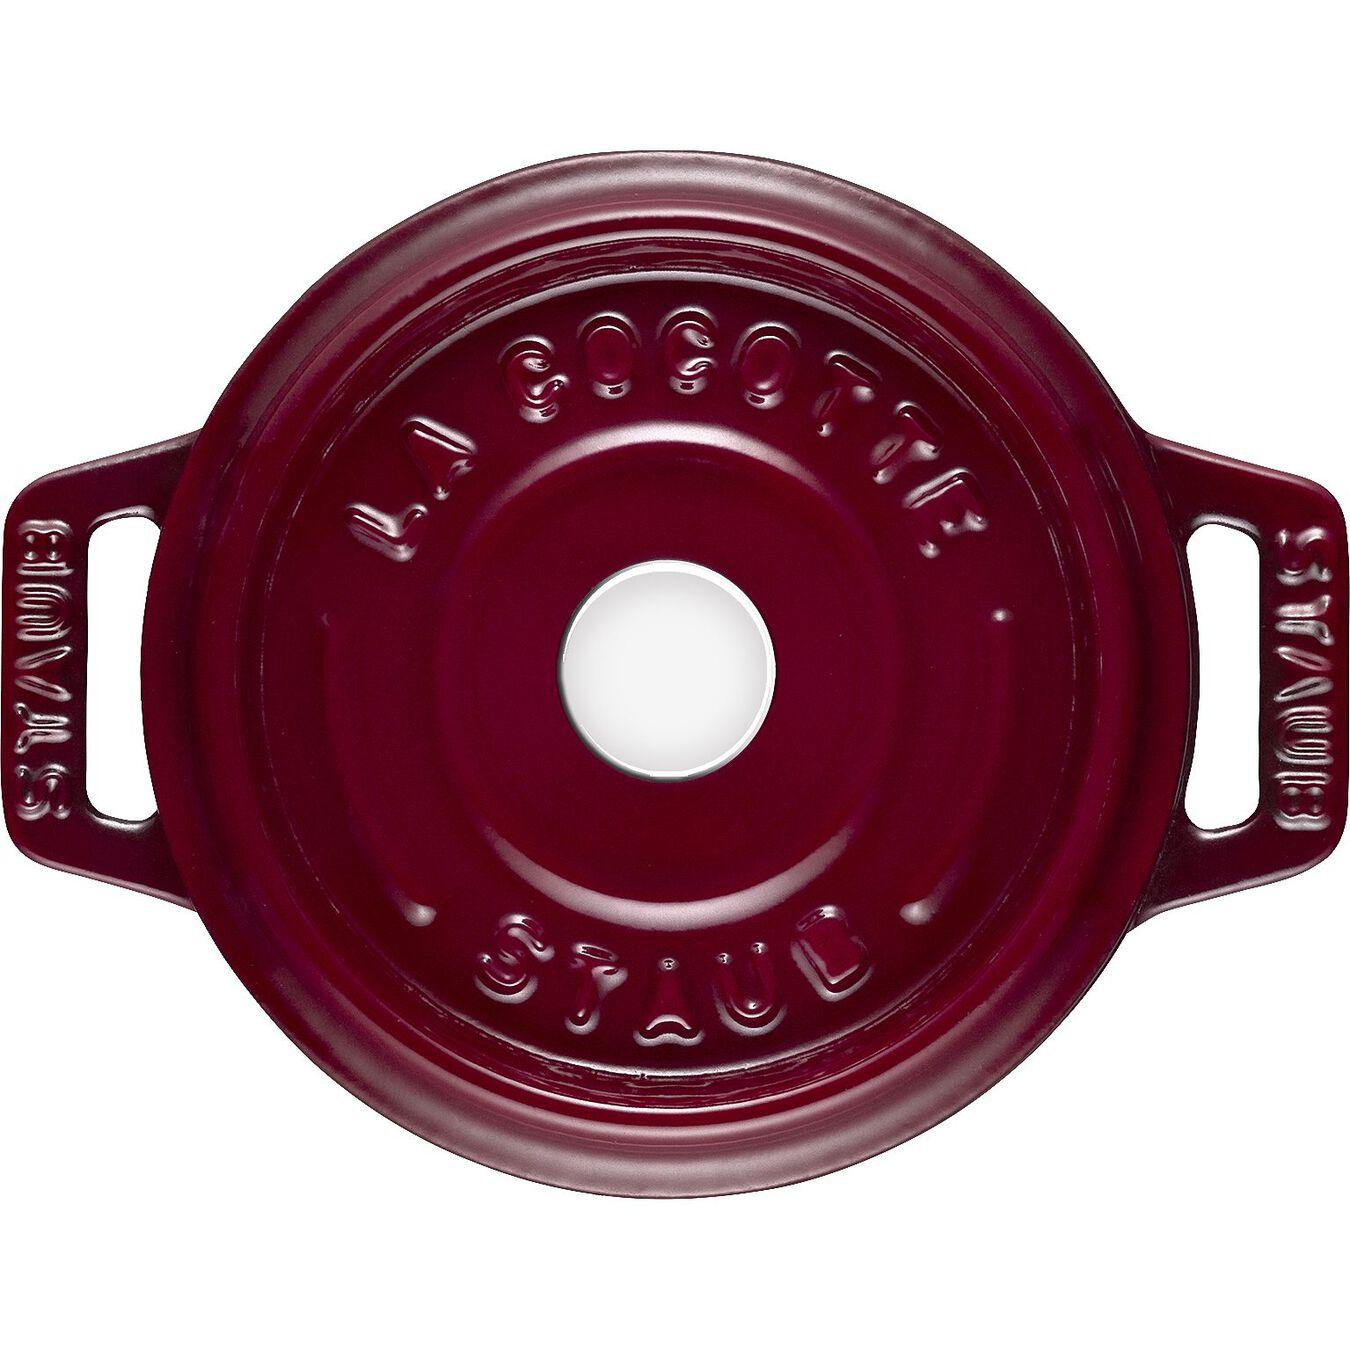 250 ml round Mini Cocotte, Bordeaux,,large 3